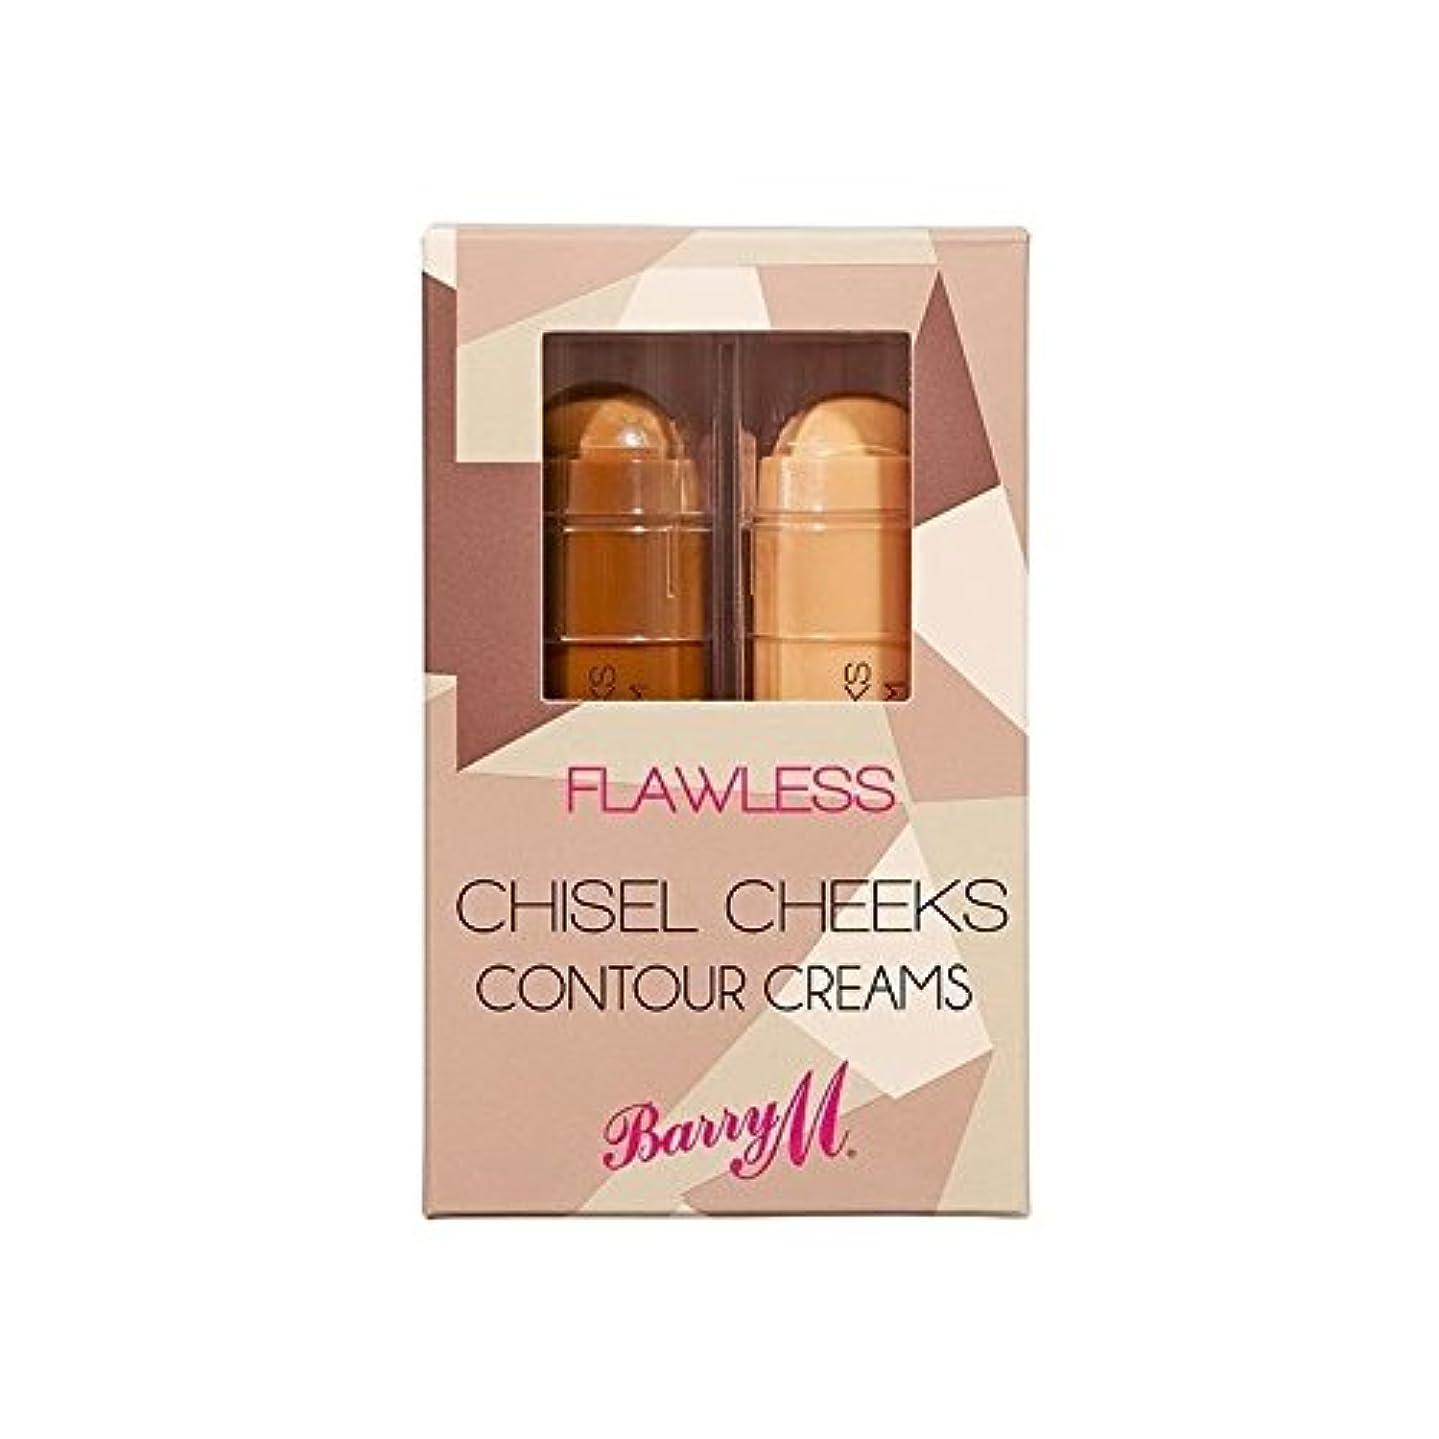 ドームこねる予備Barry M Chisel Cheek Contour Creams (Pack of 6) - バリーメートルチゼル頬の輪郭クリーム x6 [並行輸入品]